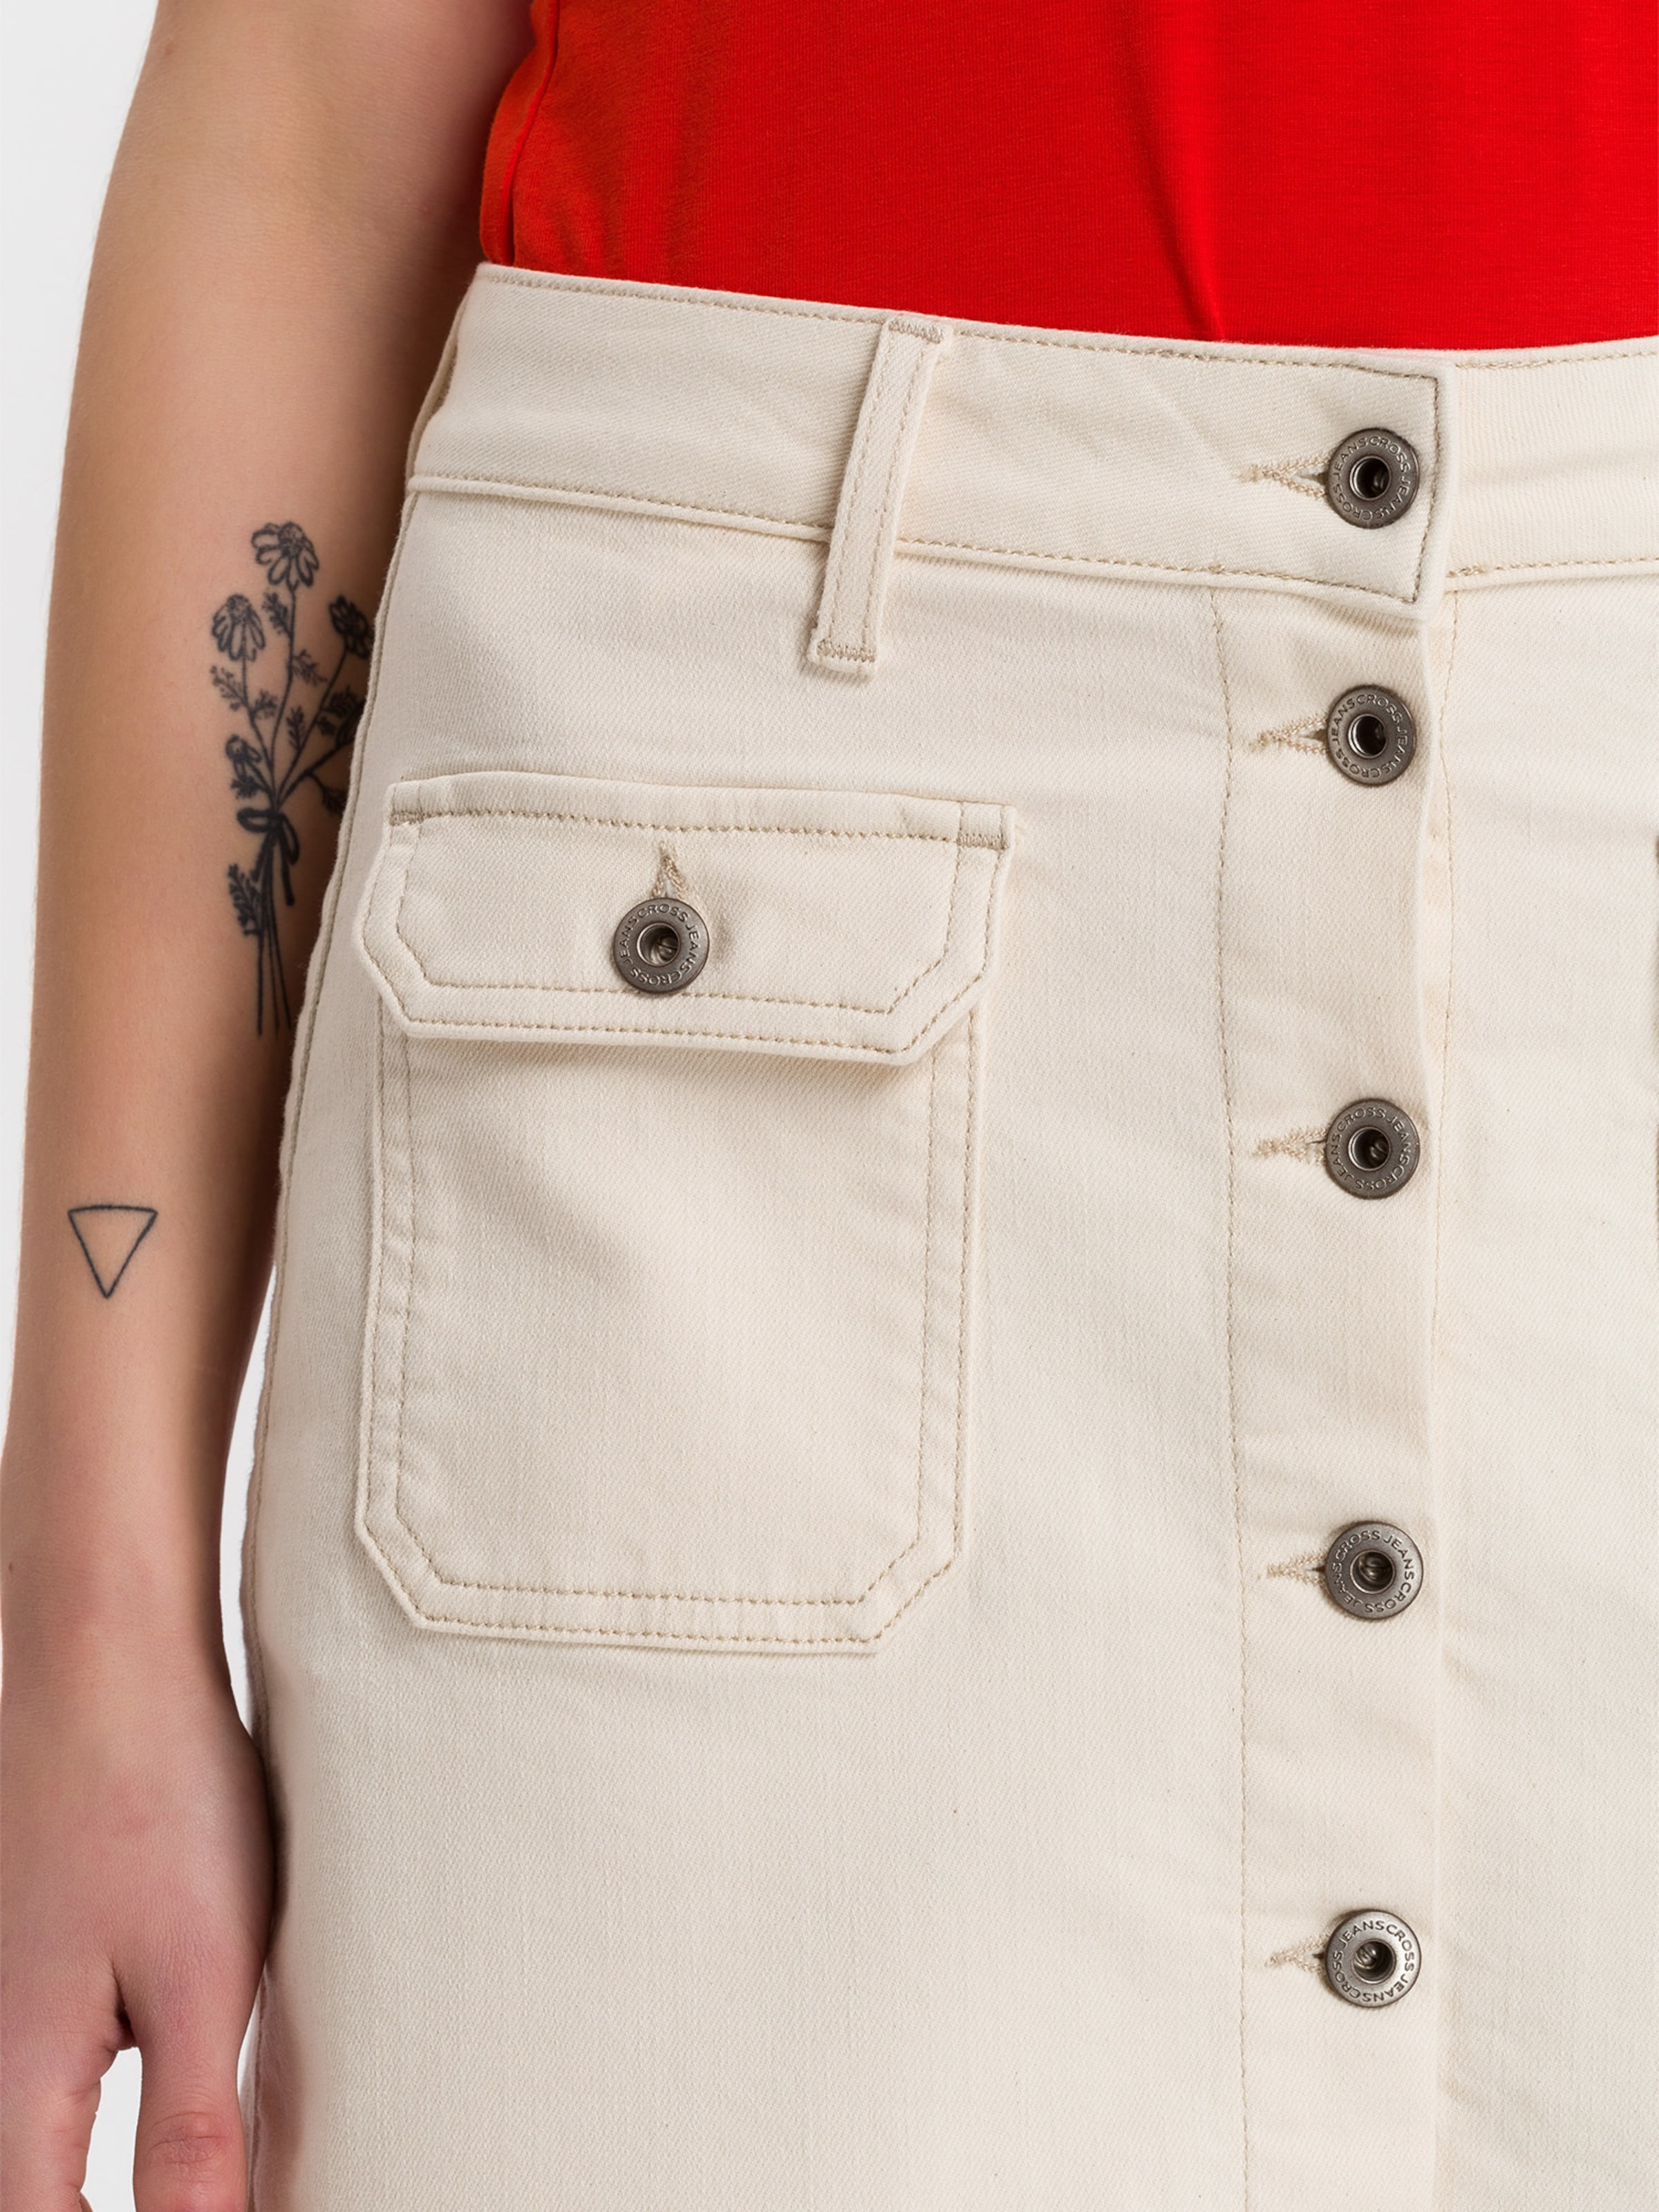 Jeans 'tracy' Rock Cross Beige In Okw0nP